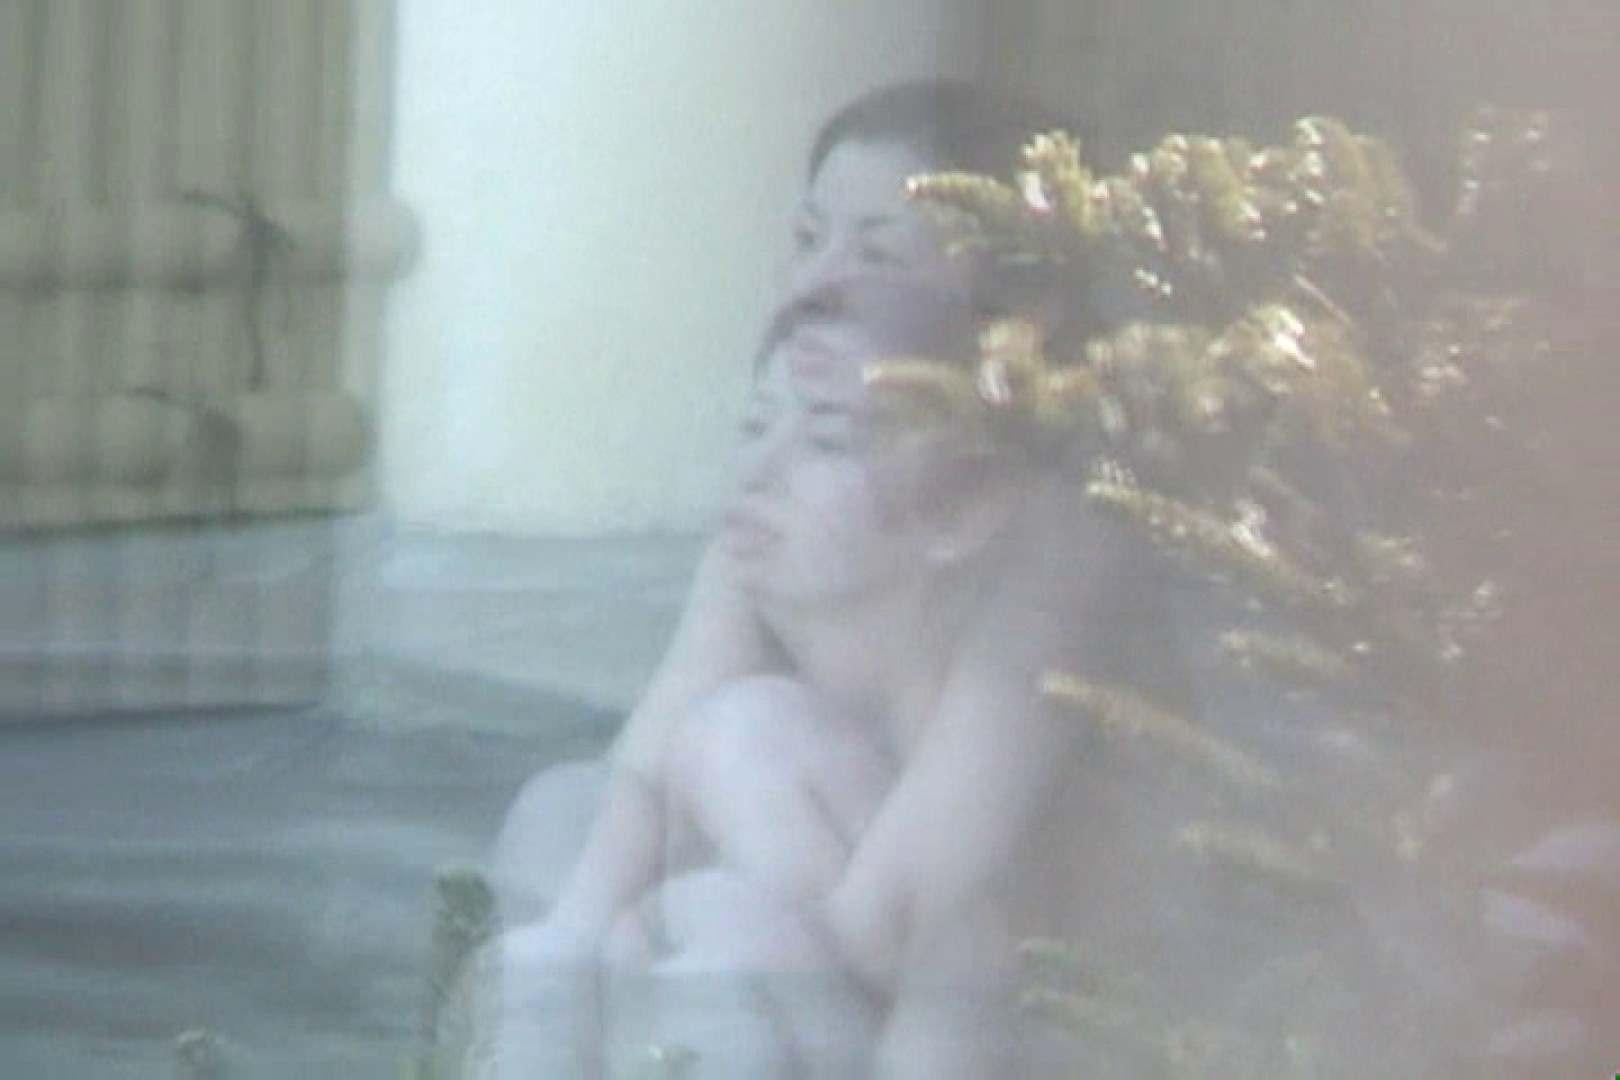 Aquaな露天風呂Vol.559 0  68pic 46